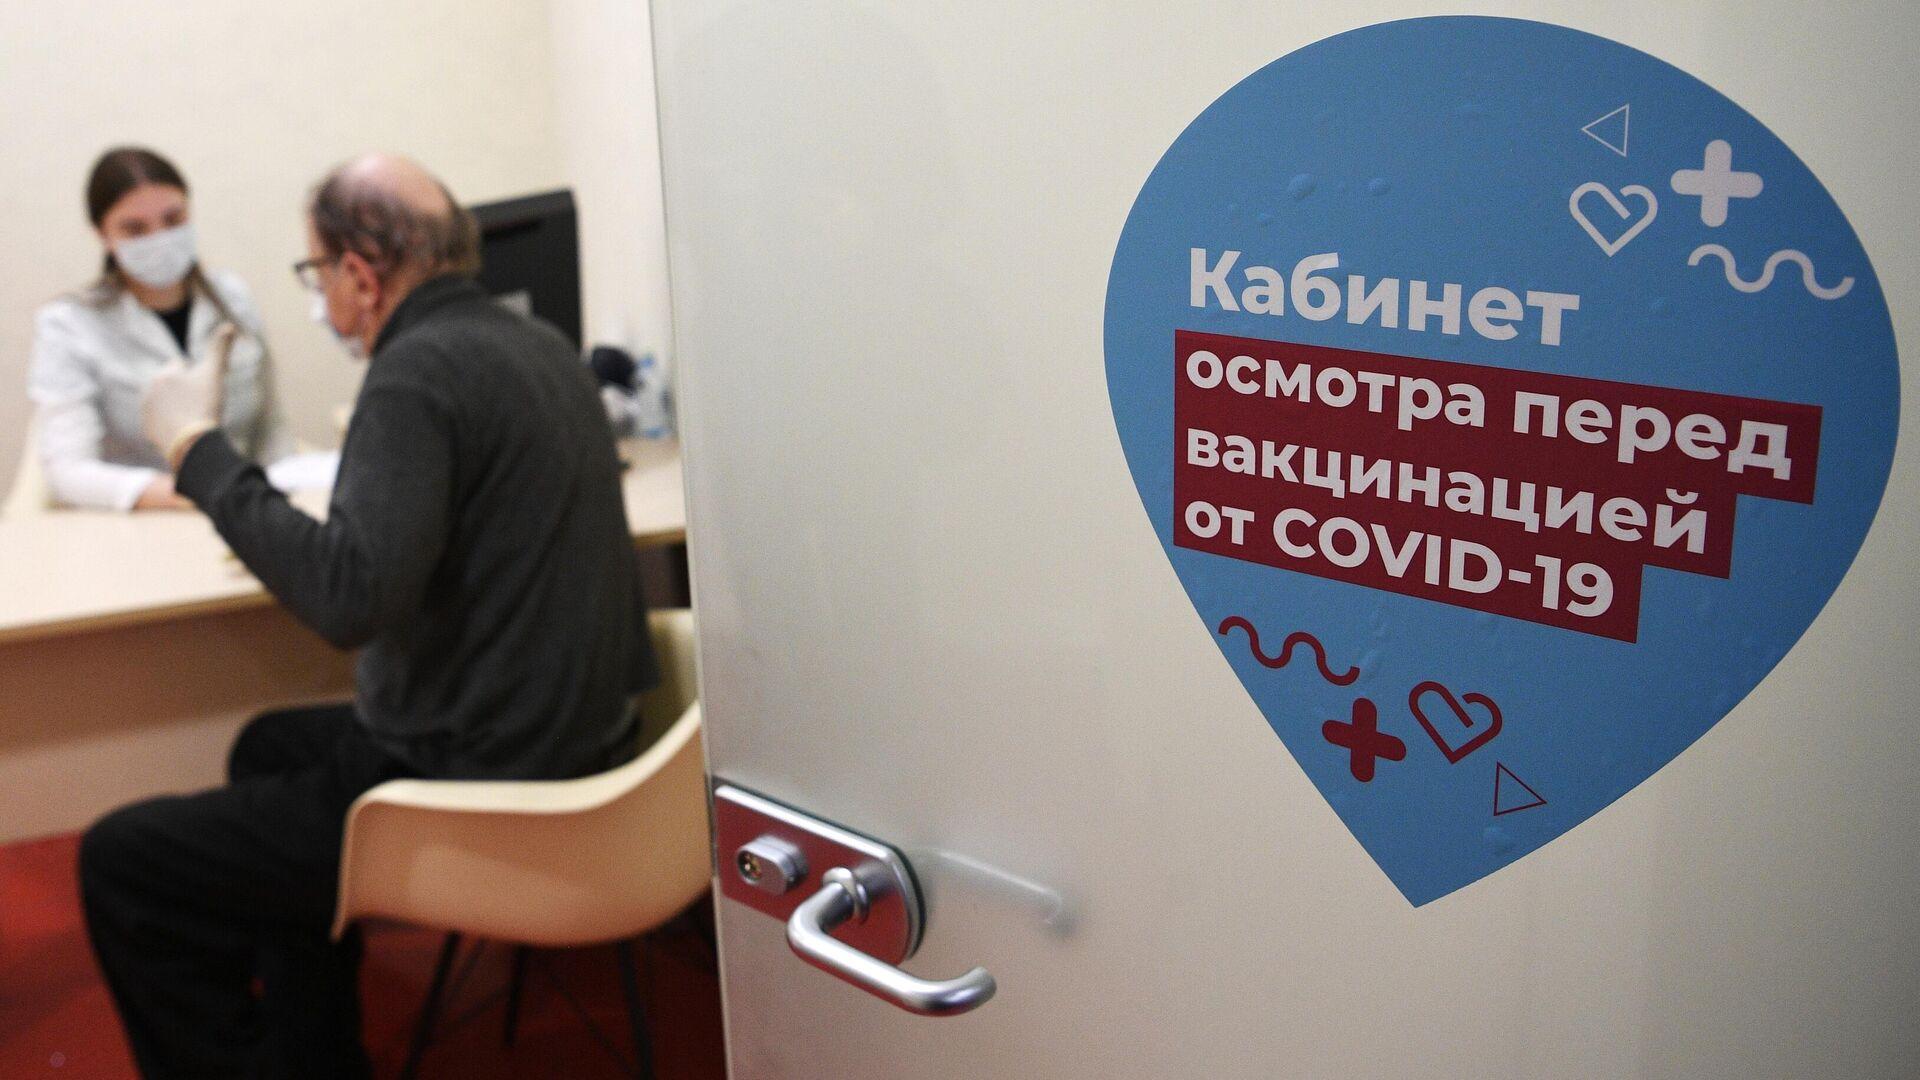 Новые мобильные бригады вакцинации от COVID-19 в Москве - РИА Новости, 1920, 02.04.2021